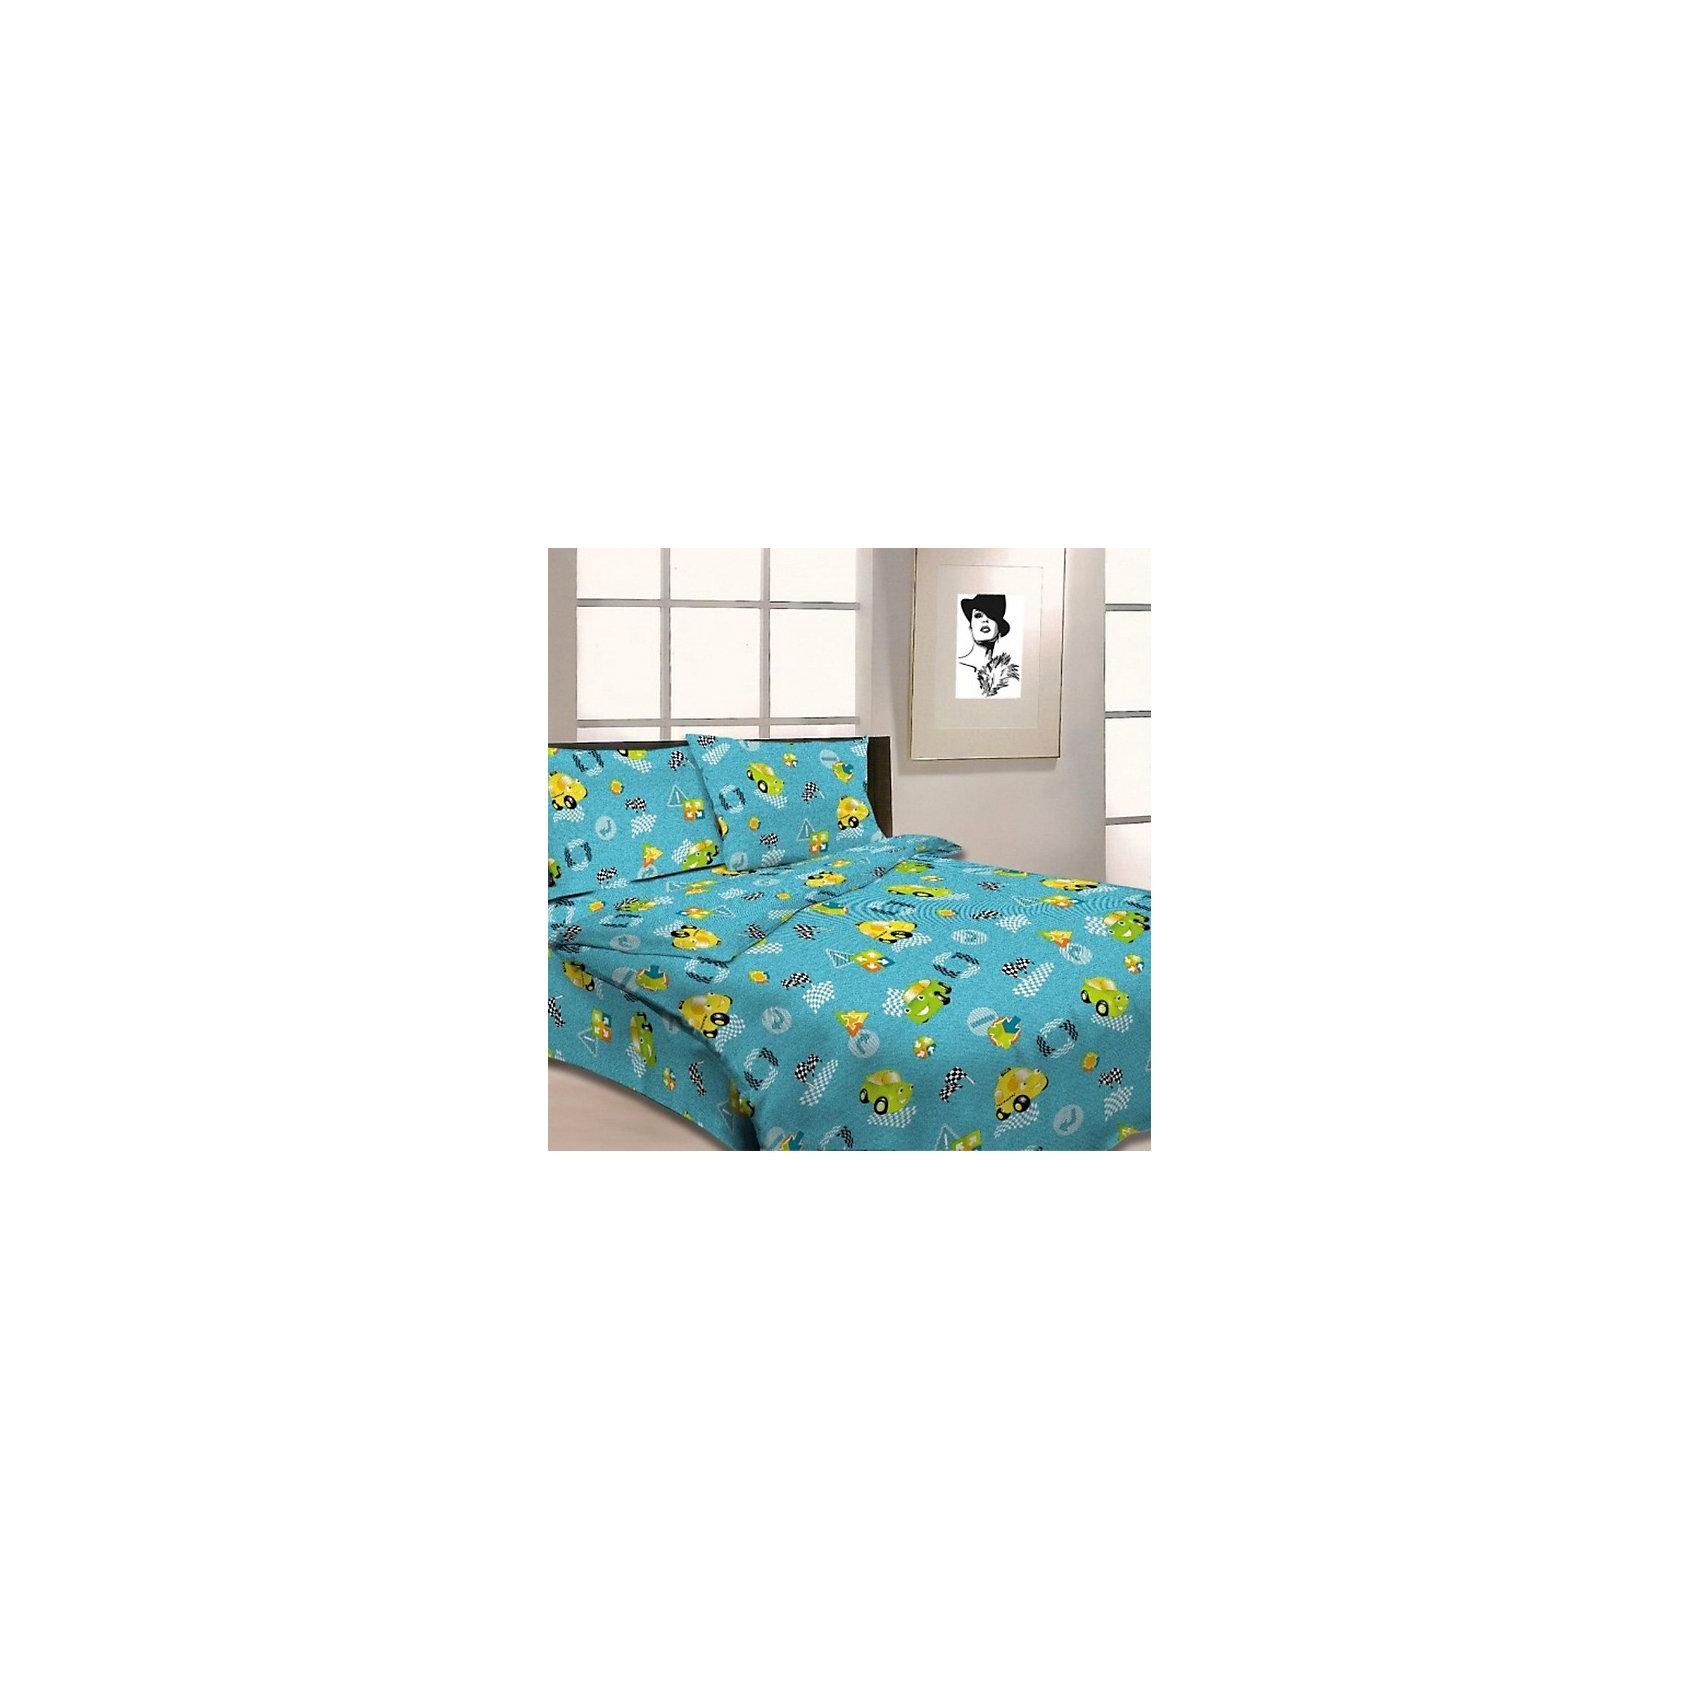 Постельное белье Ясли, BG-28, LettoПостельное белье Ясли, BG-28, Letto – это качественное постельное белье из традиционной российской бязи.<br>Яркий комплект постельного белья в кроватку создаст ощущение комфорта и уюта в детской комнате. Комплект изготовлен из бязи плотного плетения (100% хлопок). Эта традиционная натуральная ткань отличается экологичностью и практичностью, хорошо пропускает воздух и позволяет коже дышать. Благодаря устойчивым качественным красителям белье сохраняют свою яркость и насыщенность оттенков даже после частых стирок. Рекомендуется перед первым использованием постирать, но не пересушивать. Применение кондиционера при стирке сделает такое постельное белье мягче и комфортней.<br><br>Дополнительная информация:<br><br>- В комплекте: пододеяльник 145х110 см., простынь 150х100 см., наволочка 1 шт. 40х60 см.<br>- Материал: бязь (100% хлопок)<br>- Обращаем внимание, что расцветка наволочек может отличаться от представленной на фото<br><br>Постельное белье Ясли, BG-28, Letto можно купить в нашем интернет-магазине.<br><br>Ширина мм: 330<br>Глубина мм: 250<br>Высота мм: 40<br>Вес г: 1200<br>Возраст от месяцев: 0<br>Возраст до месяцев: 36<br>Пол: Унисекс<br>Возраст: Детский<br>SKU: 4947800